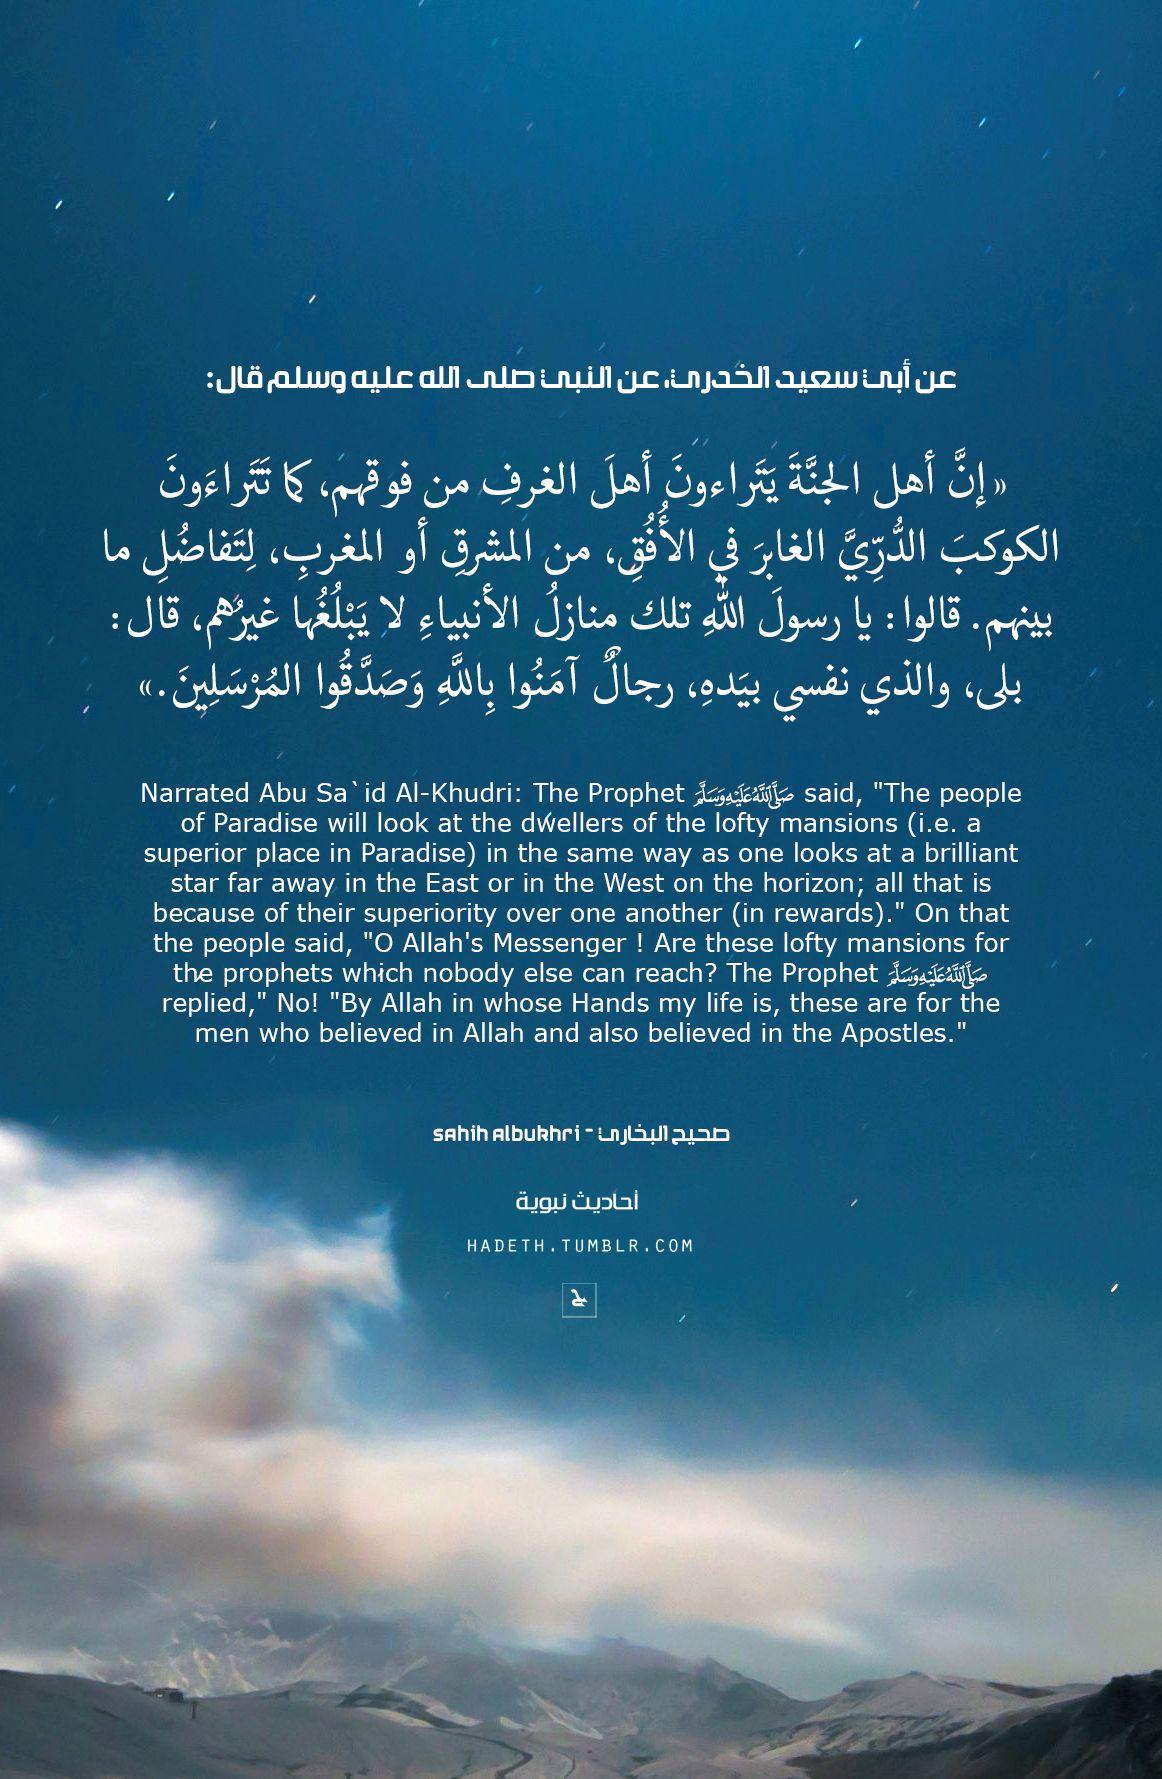 أحاديث نبوية Islam Facts Quran Verses Islamic Phrases